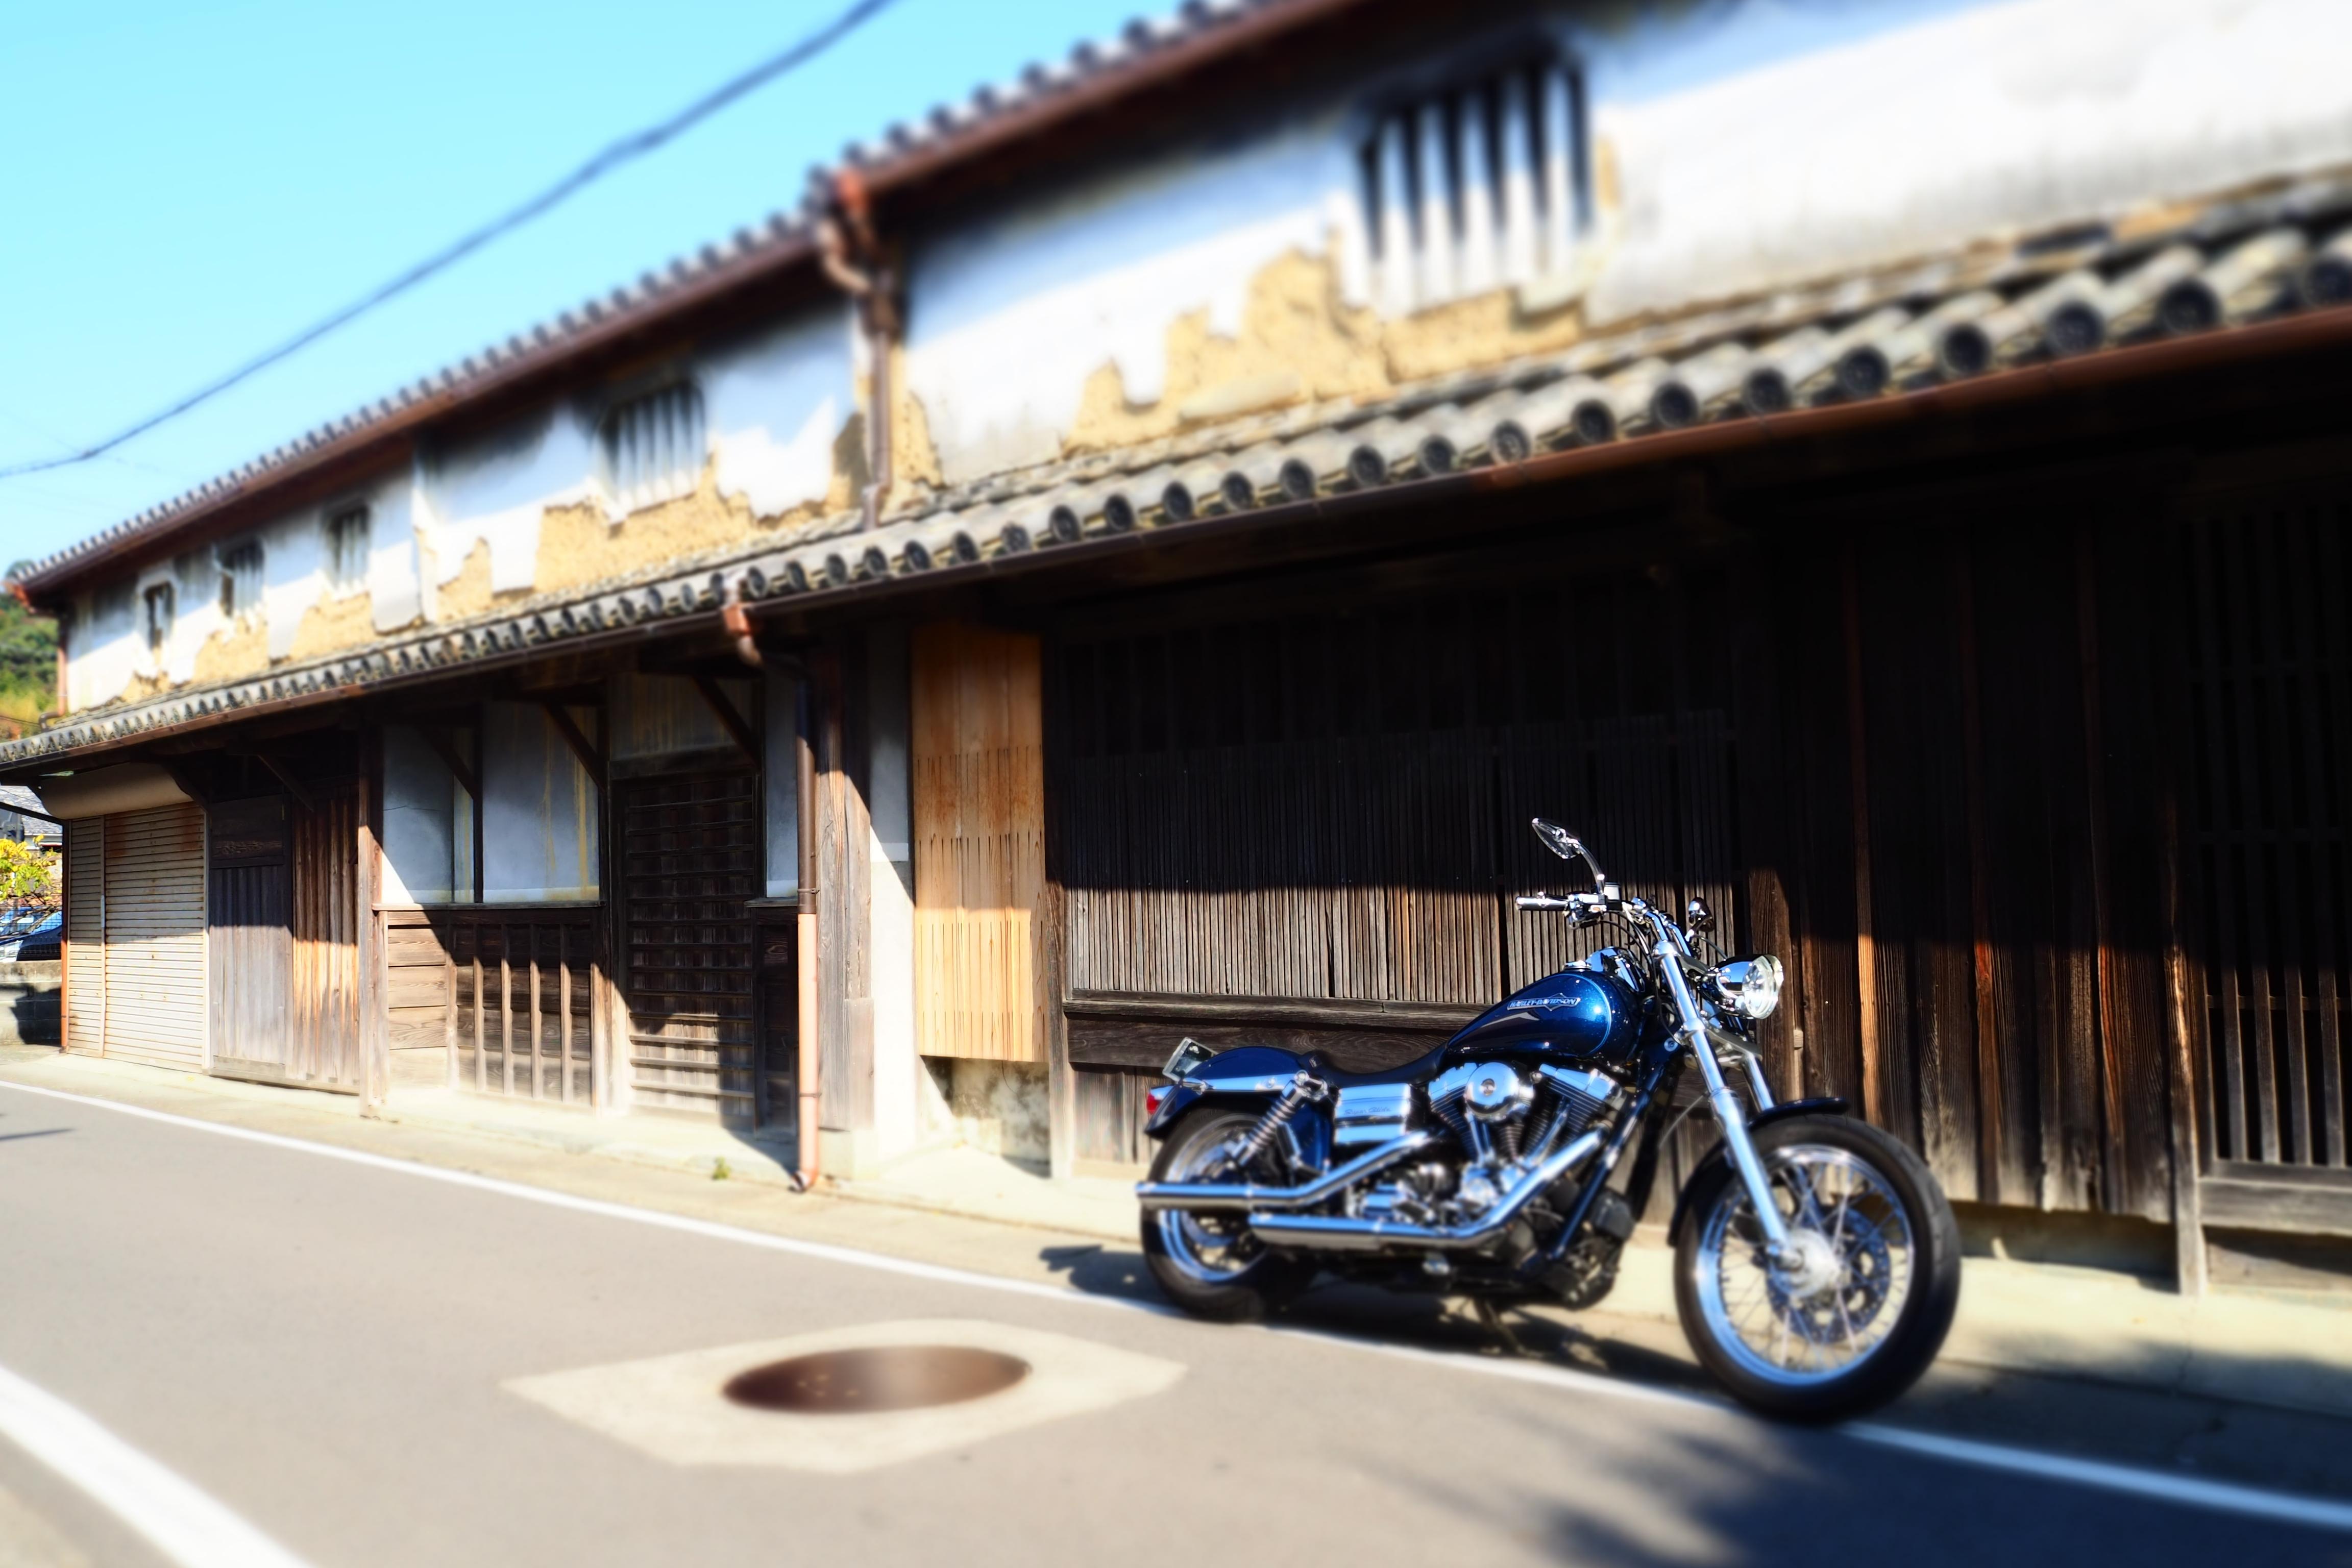 harleydavidson-motorcycle-touring-blog-wakayama-yuasatown-oldstreet-2.jpg